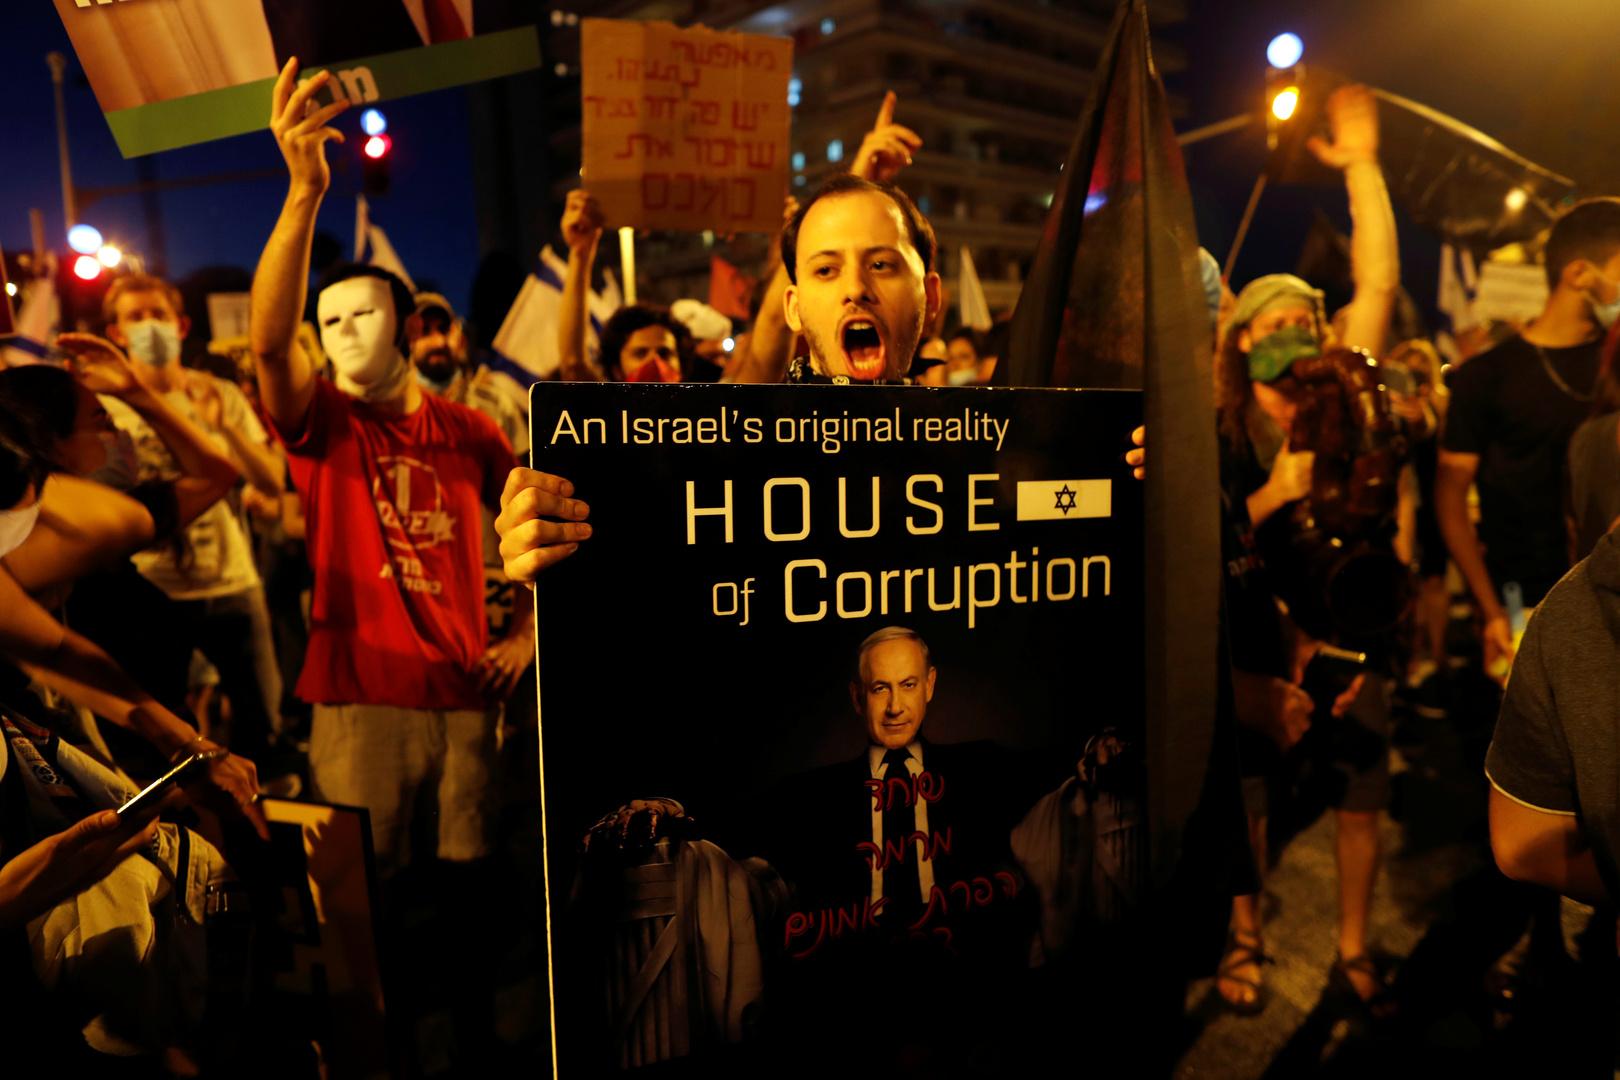 للأسبوع الـ22.. آلاف الإسرائيليين يتظاهرون مطالبين باستقالة نتنياهو